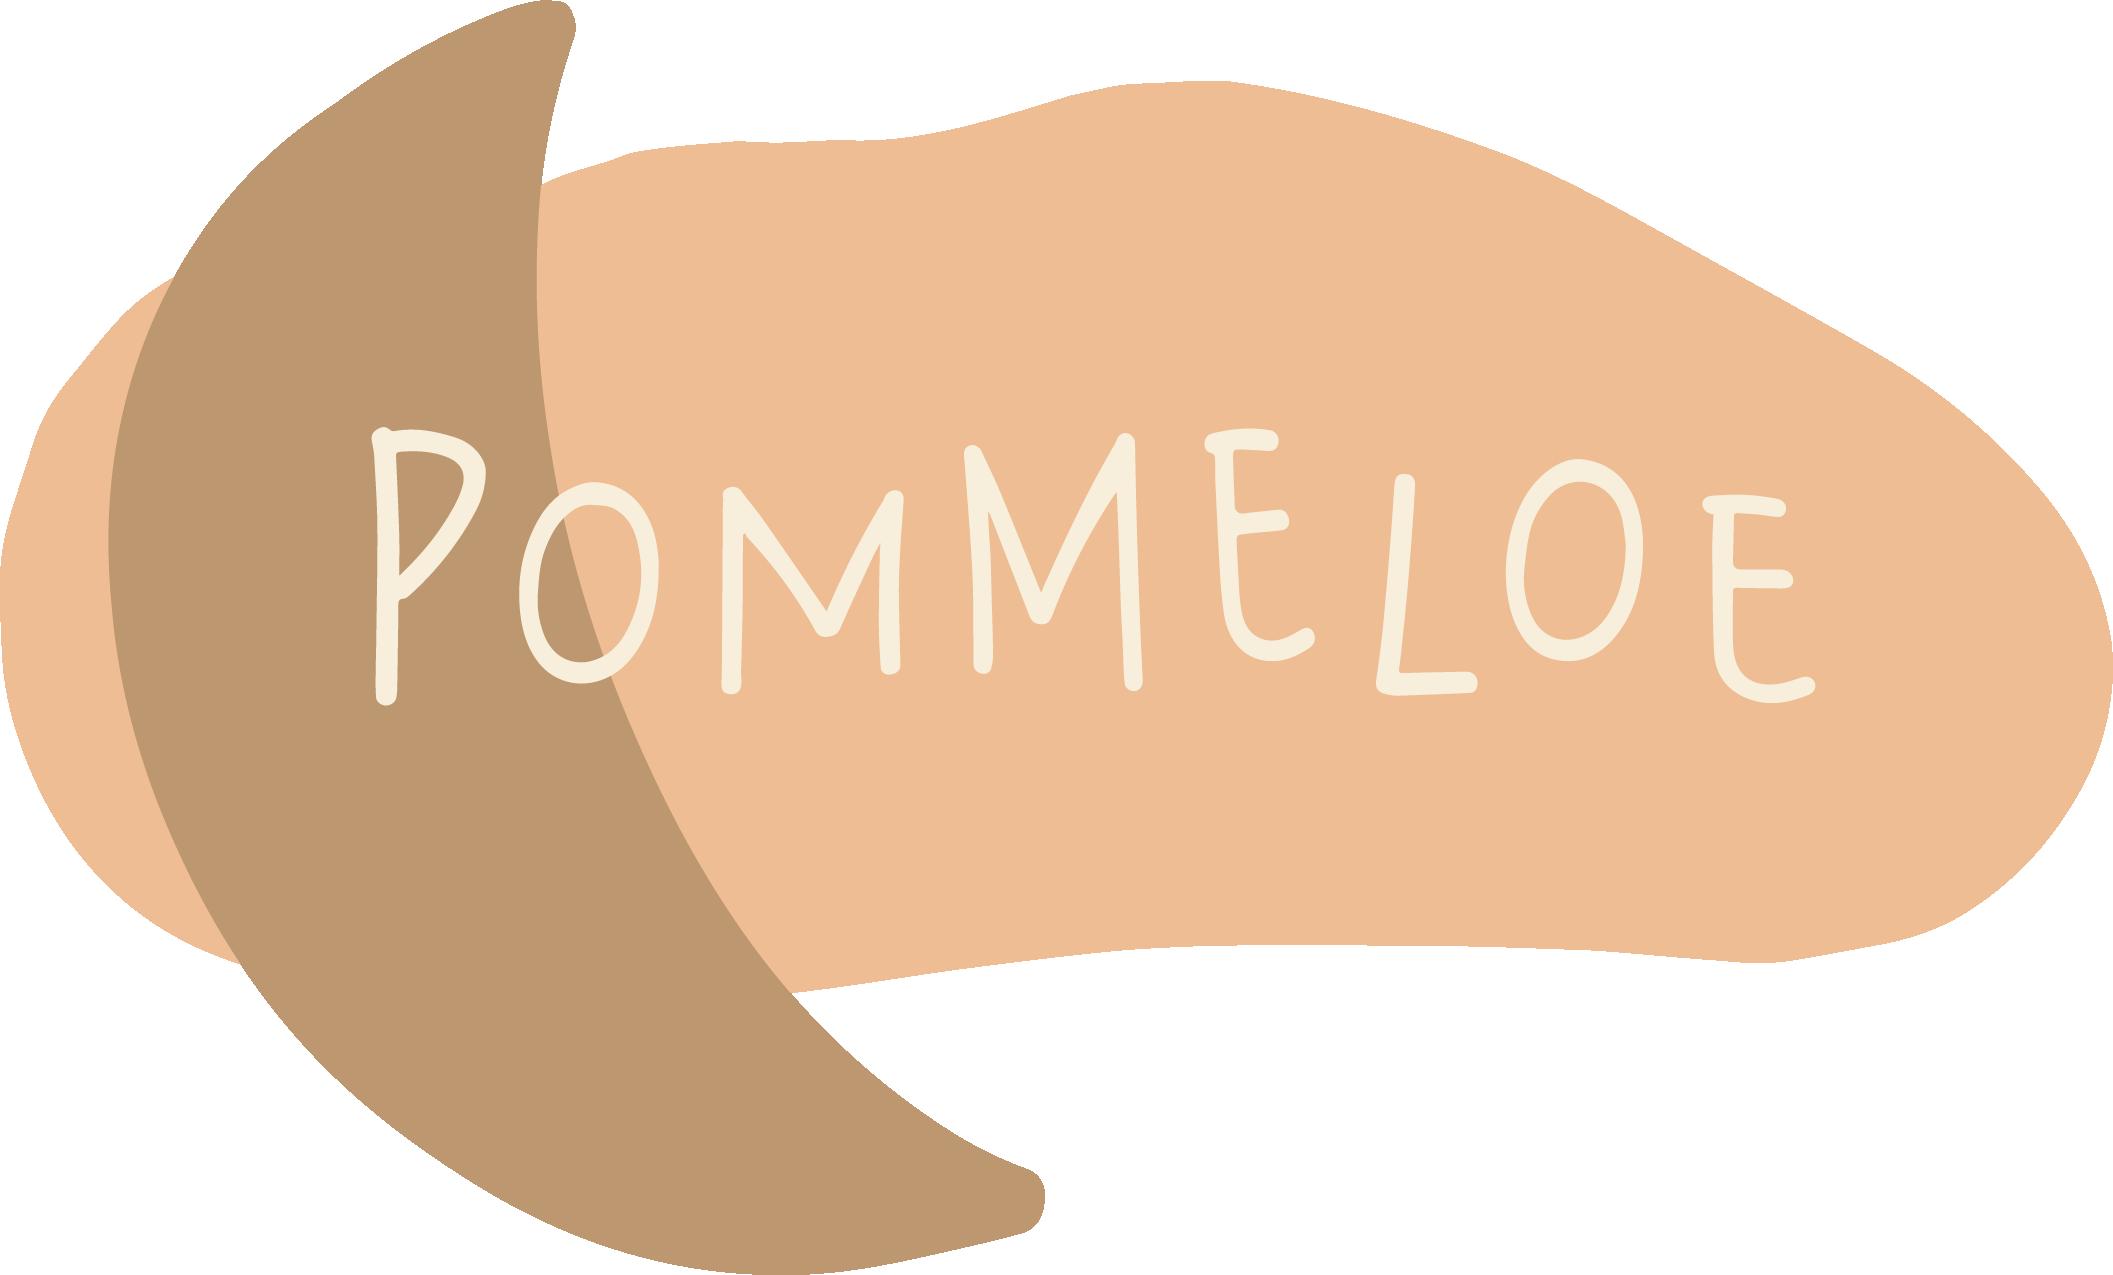 POMMELOE